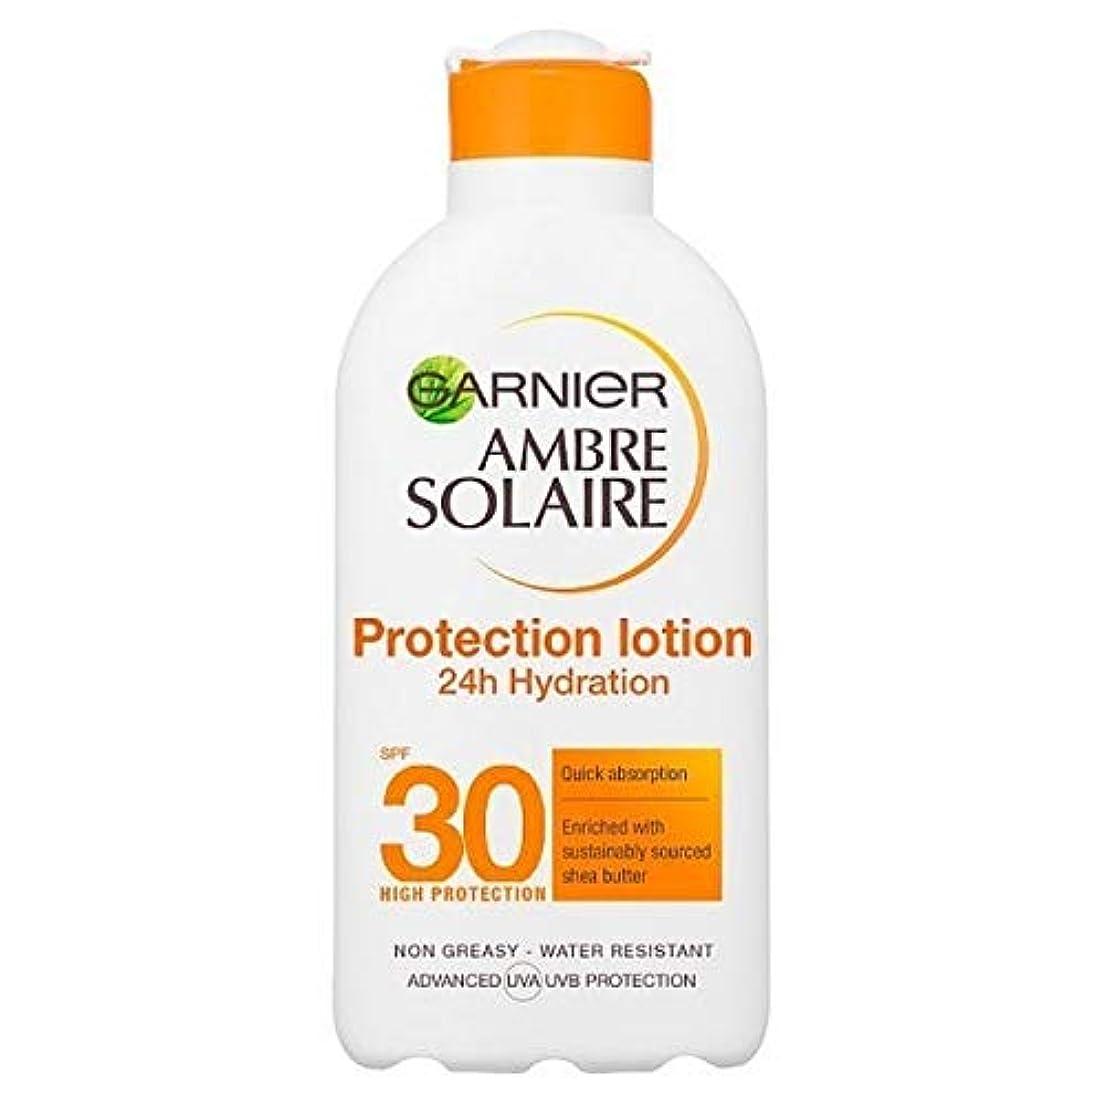 裸椅子ジョイント[Garnier ] アンブレSolaire超水和日クリームSpf30の200ミリリットル - Ambre Solaire Ultra-hydrating Sun Cream SPF30 200ml [並行輸入品]